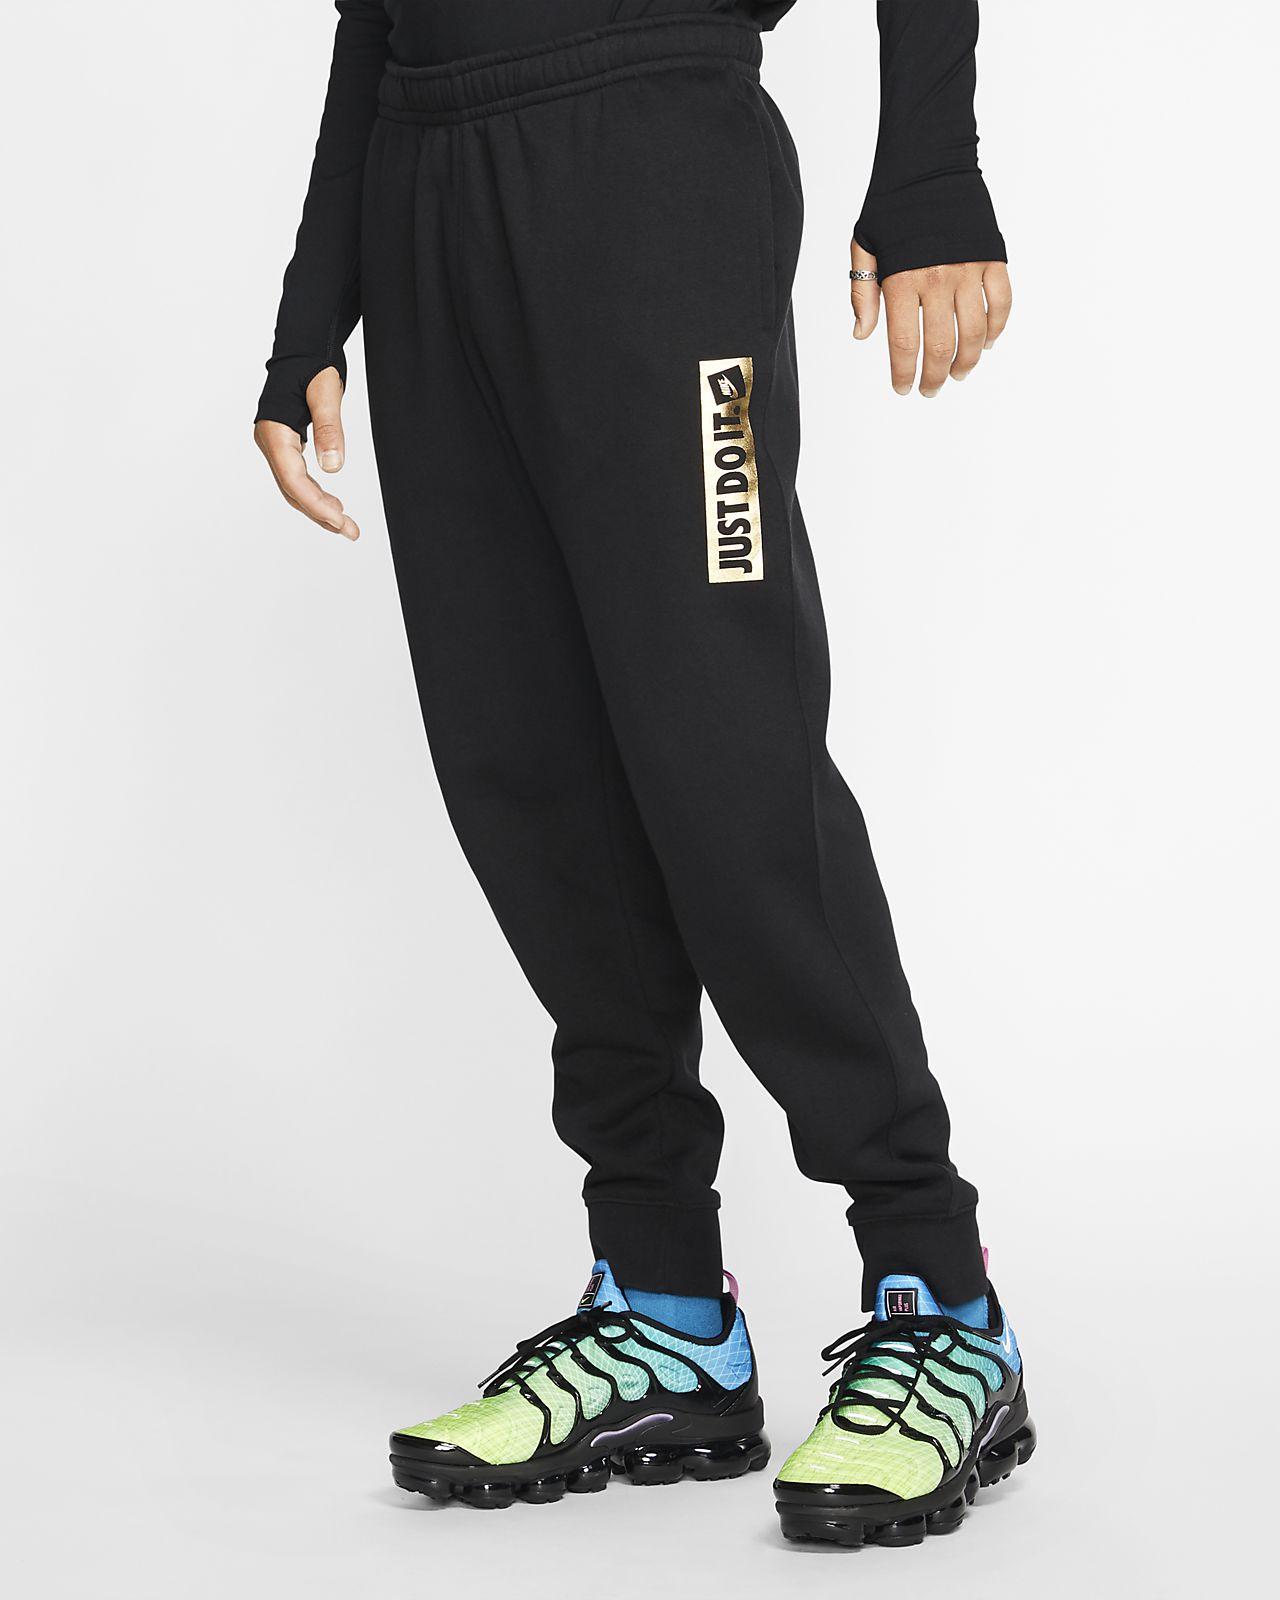 Nike Sportswear JDI Men's Joggers